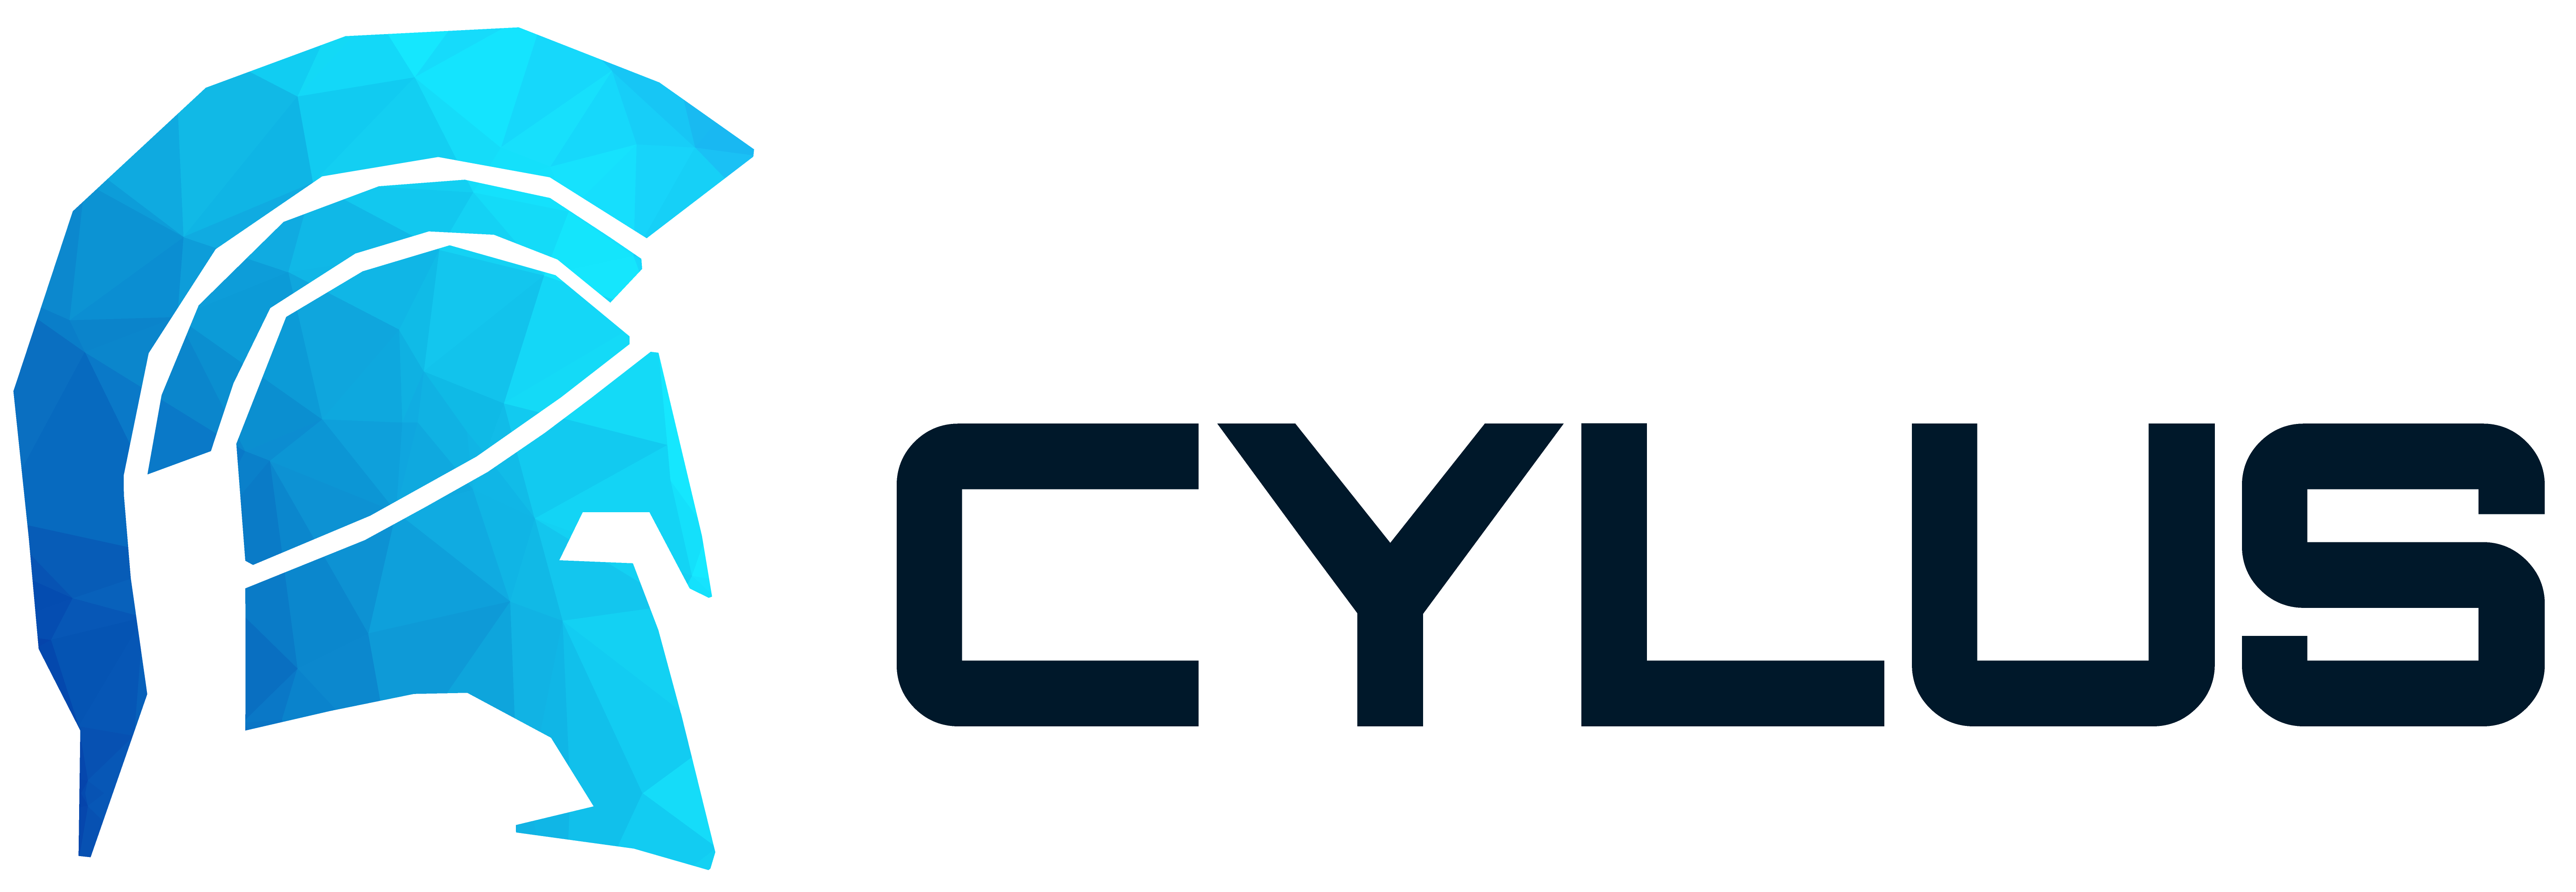 Cylus-logo